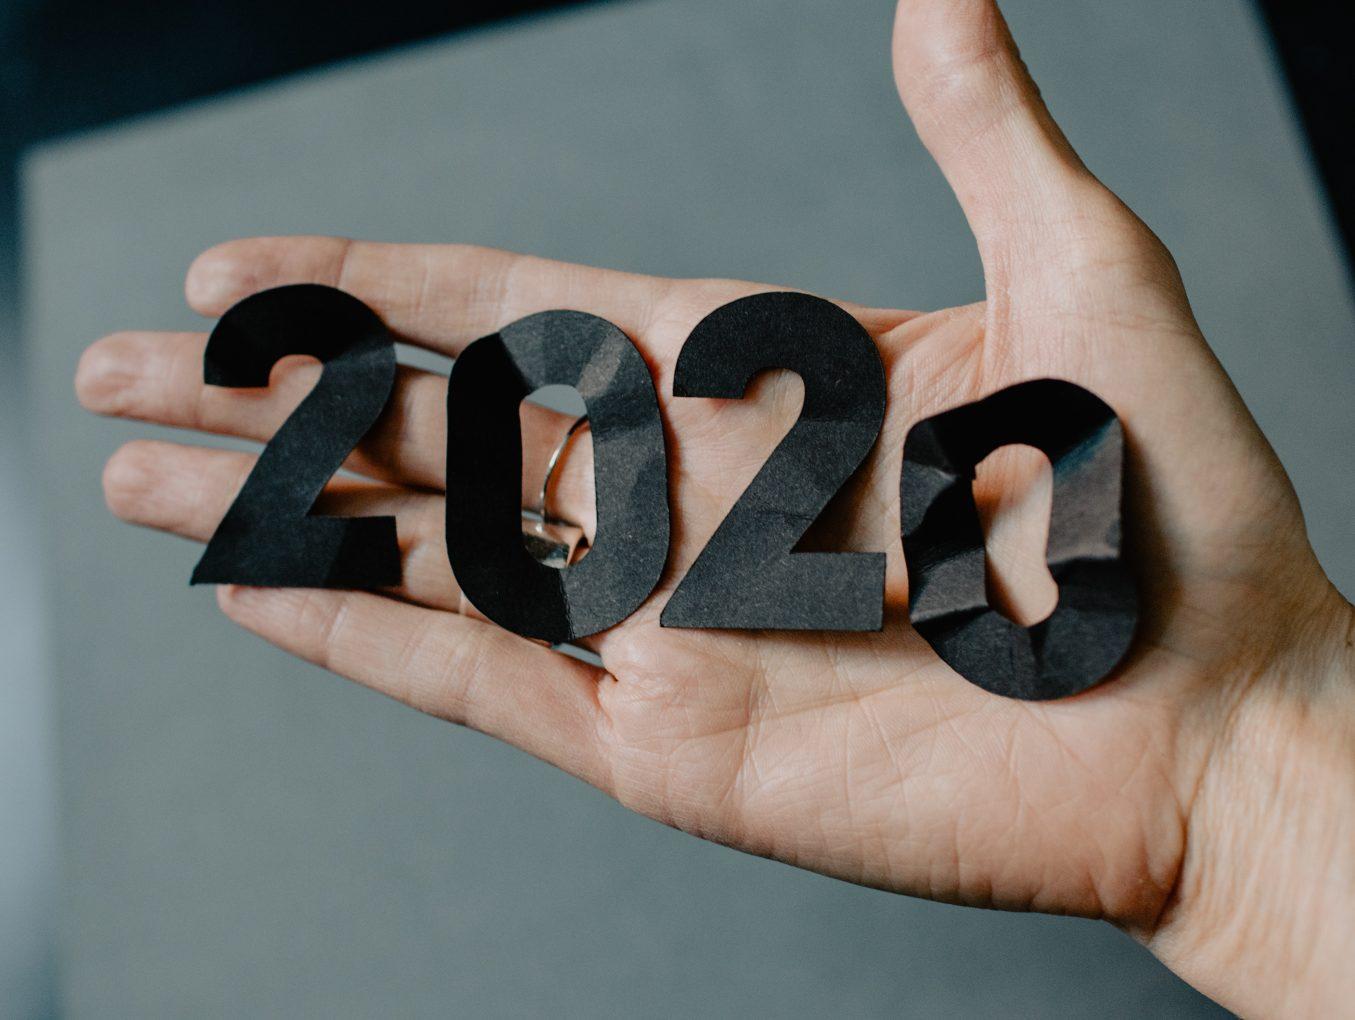 Čo sa nám podarilo v roku 2020? Pozrite si prehľad našich aktivít